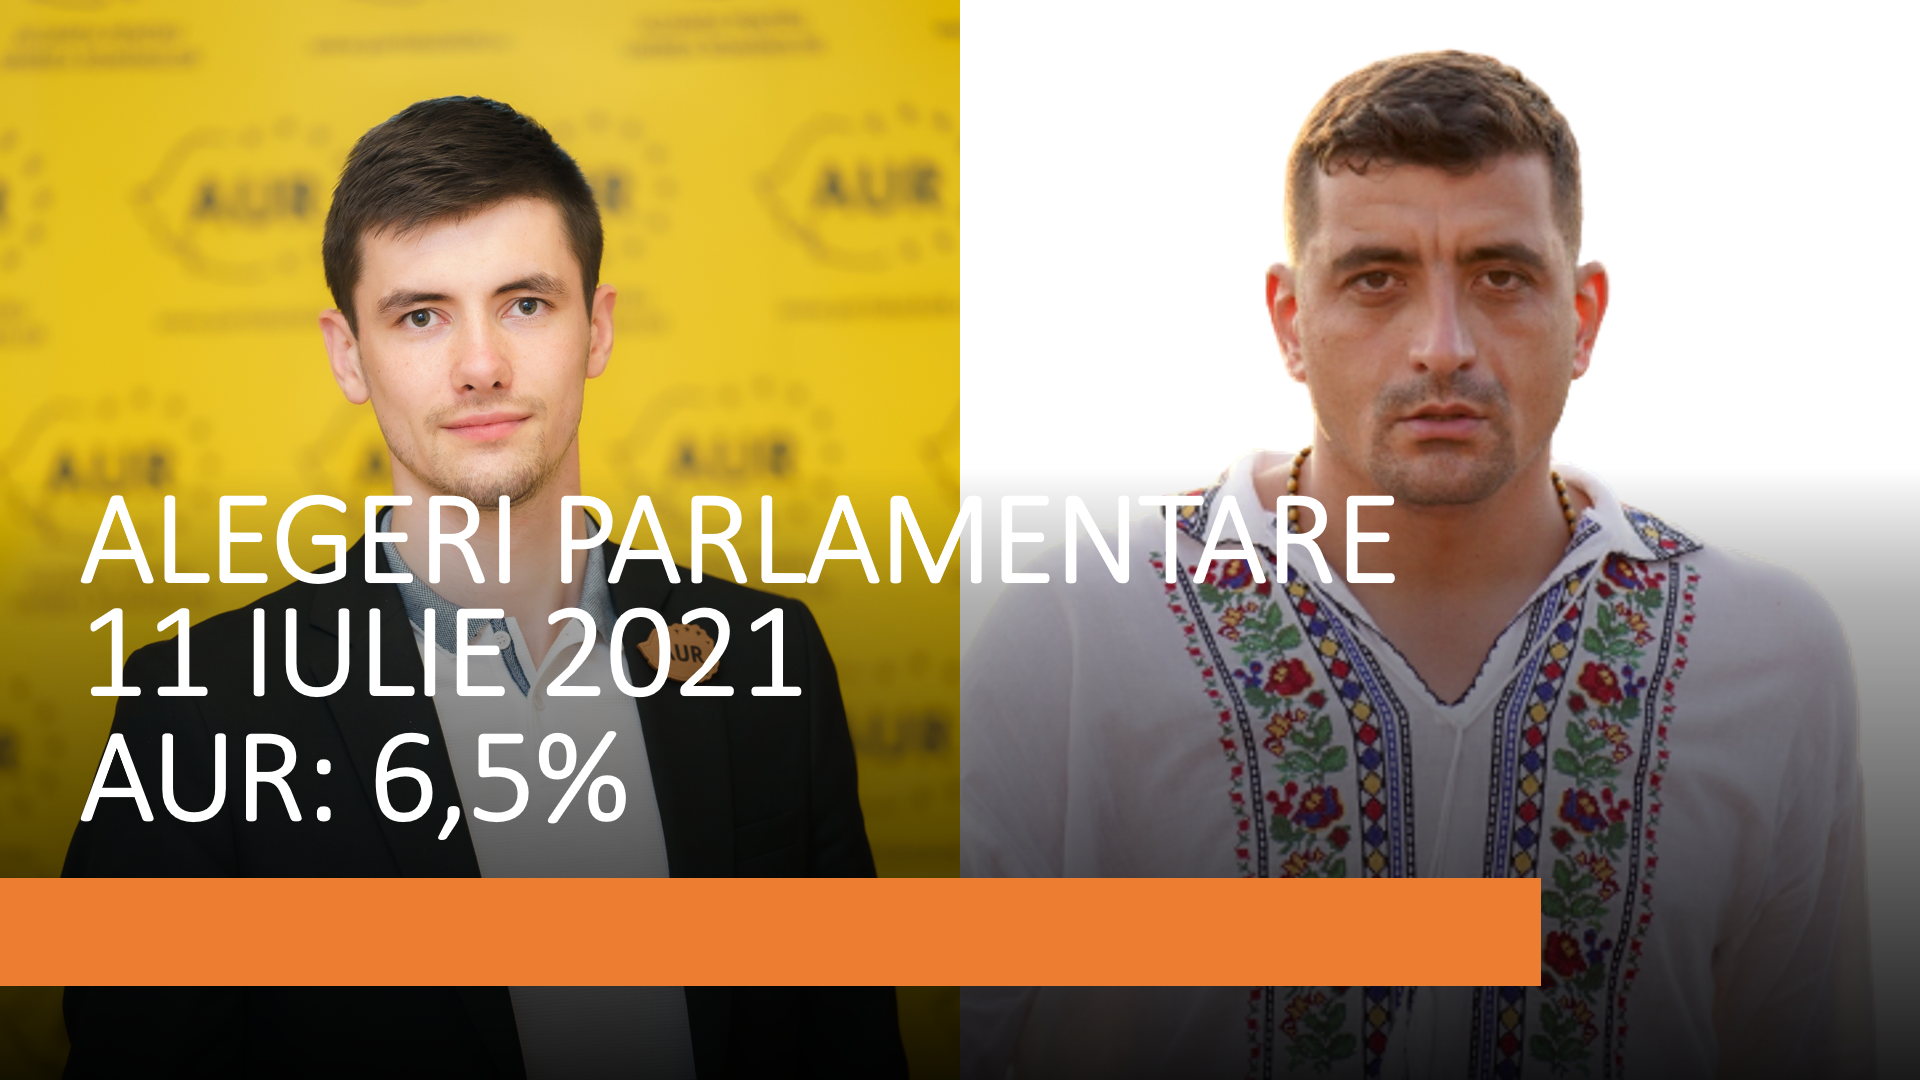 Surprinzător sau nu, dar AUR va obține la Chișinău un scor foarte bun